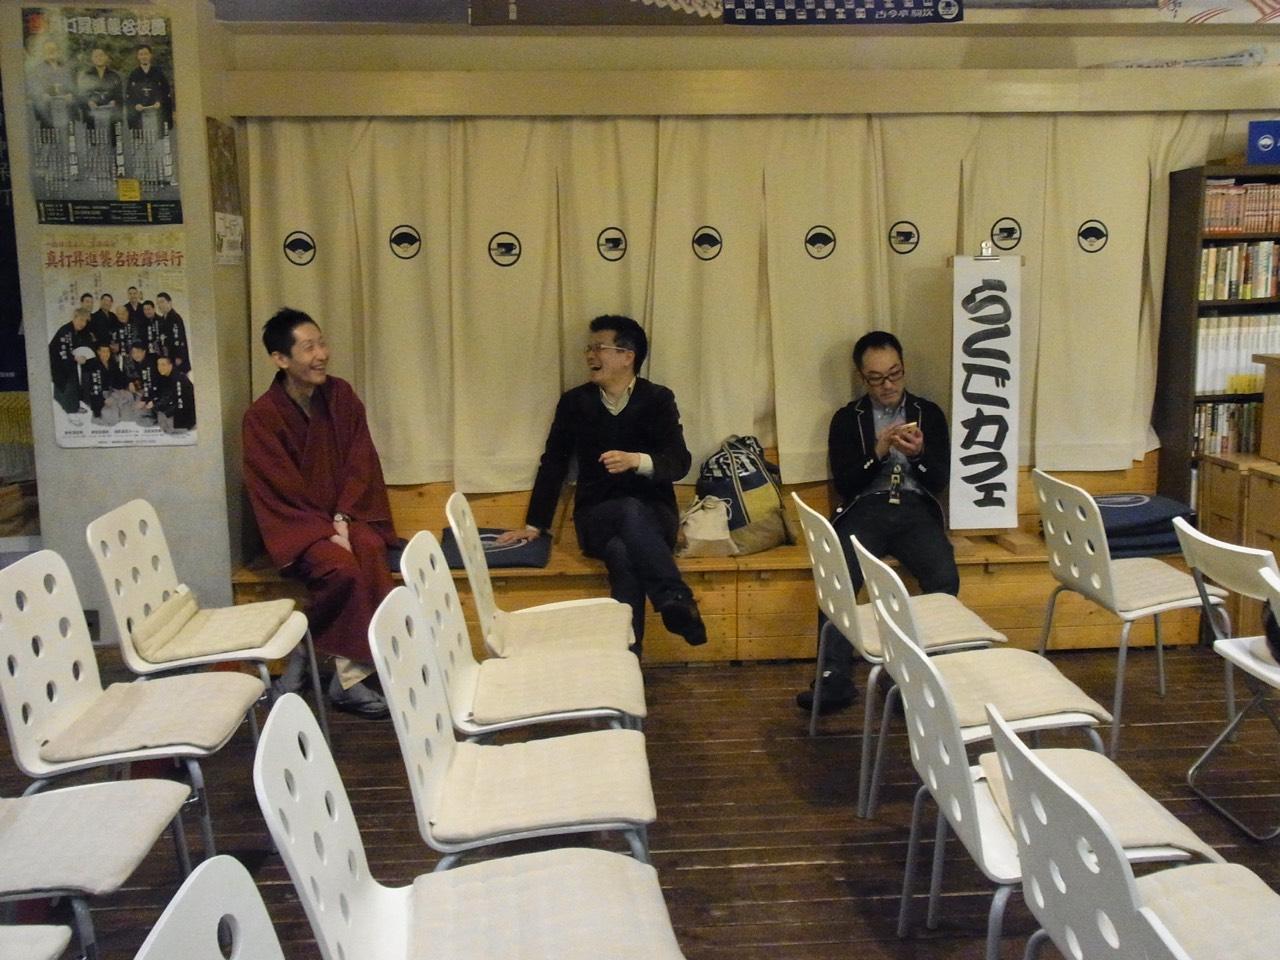 シャンティ国際協力チャリティー寄席〜大喜利つき若手落語会